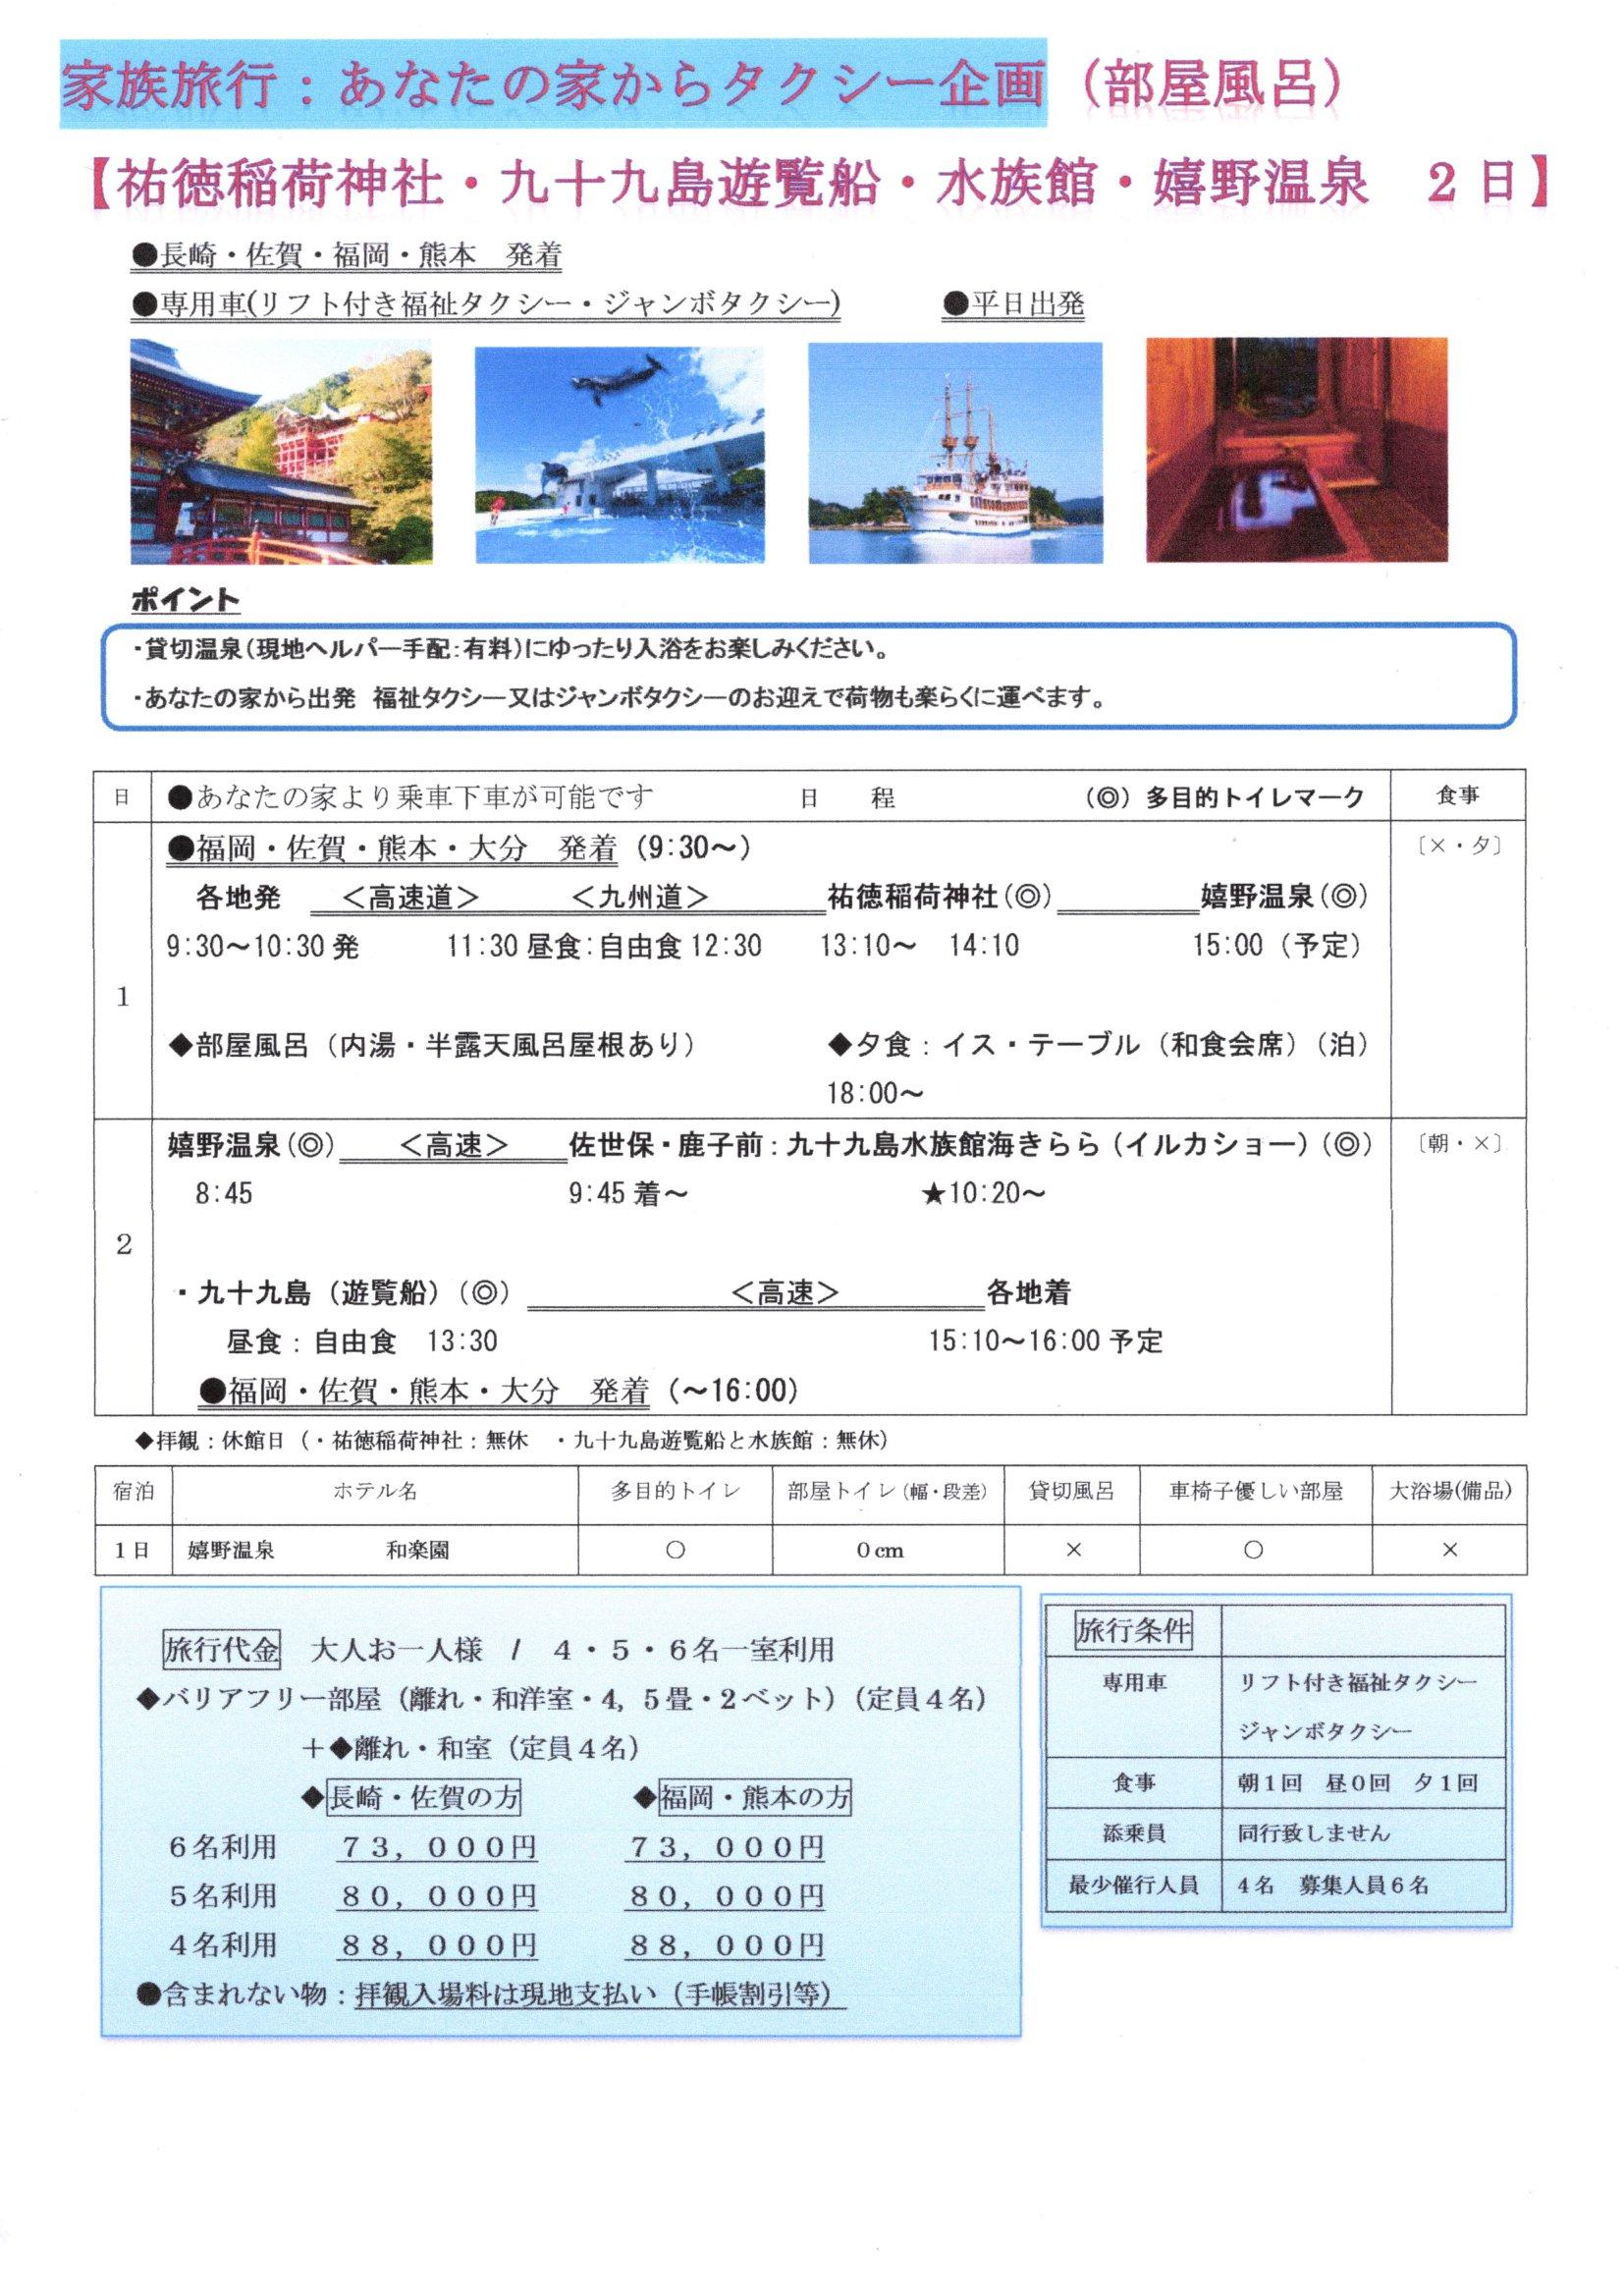 祐徳稲荷神社・九十九島遊覧船と水族館・のんびり嬉野温泉 2日